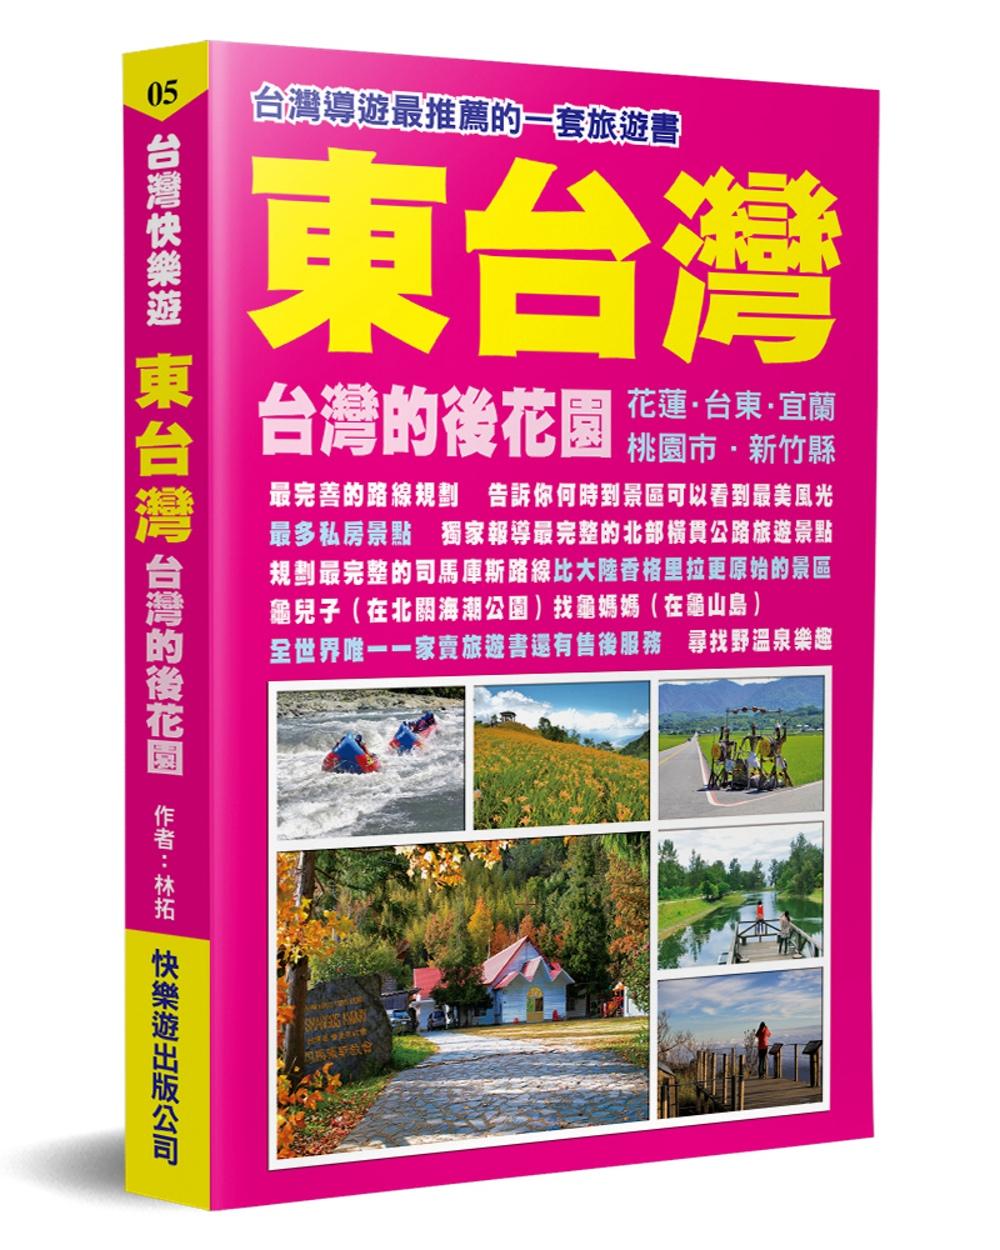 東台灣:台灣的後花園